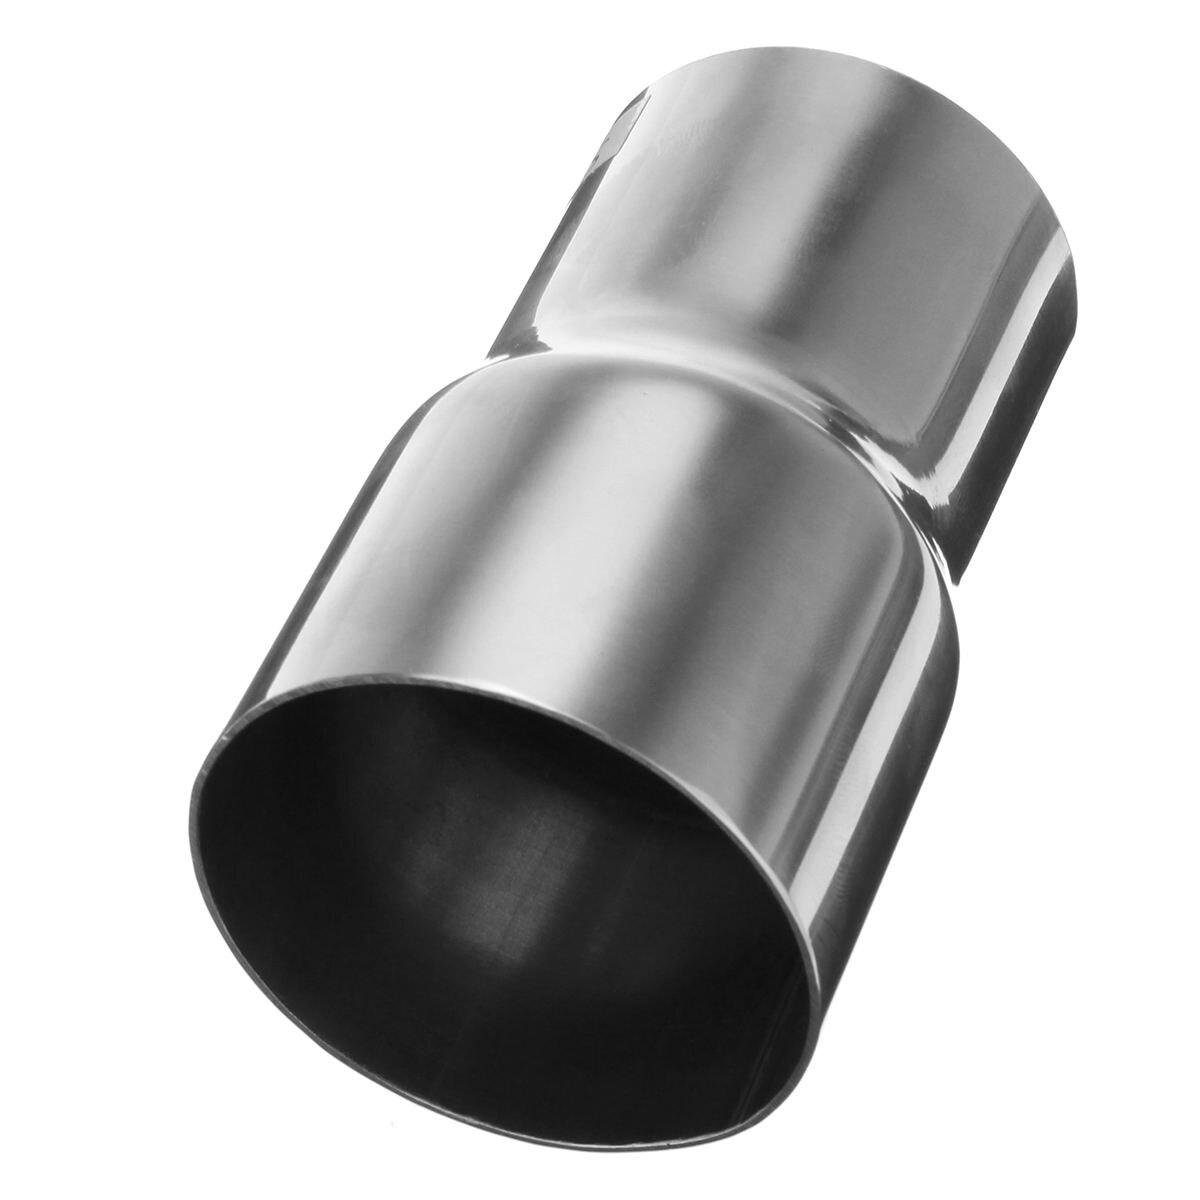 6 حجم العالمي سيارة الفولاذ المقاوم للصدأ القياسية العادم المخفض موصل الأنابيب أنبوب 76 مللي متر 63 مللي متر 60 مللي متر إلى 63 مللي متر 57 مللي متر...